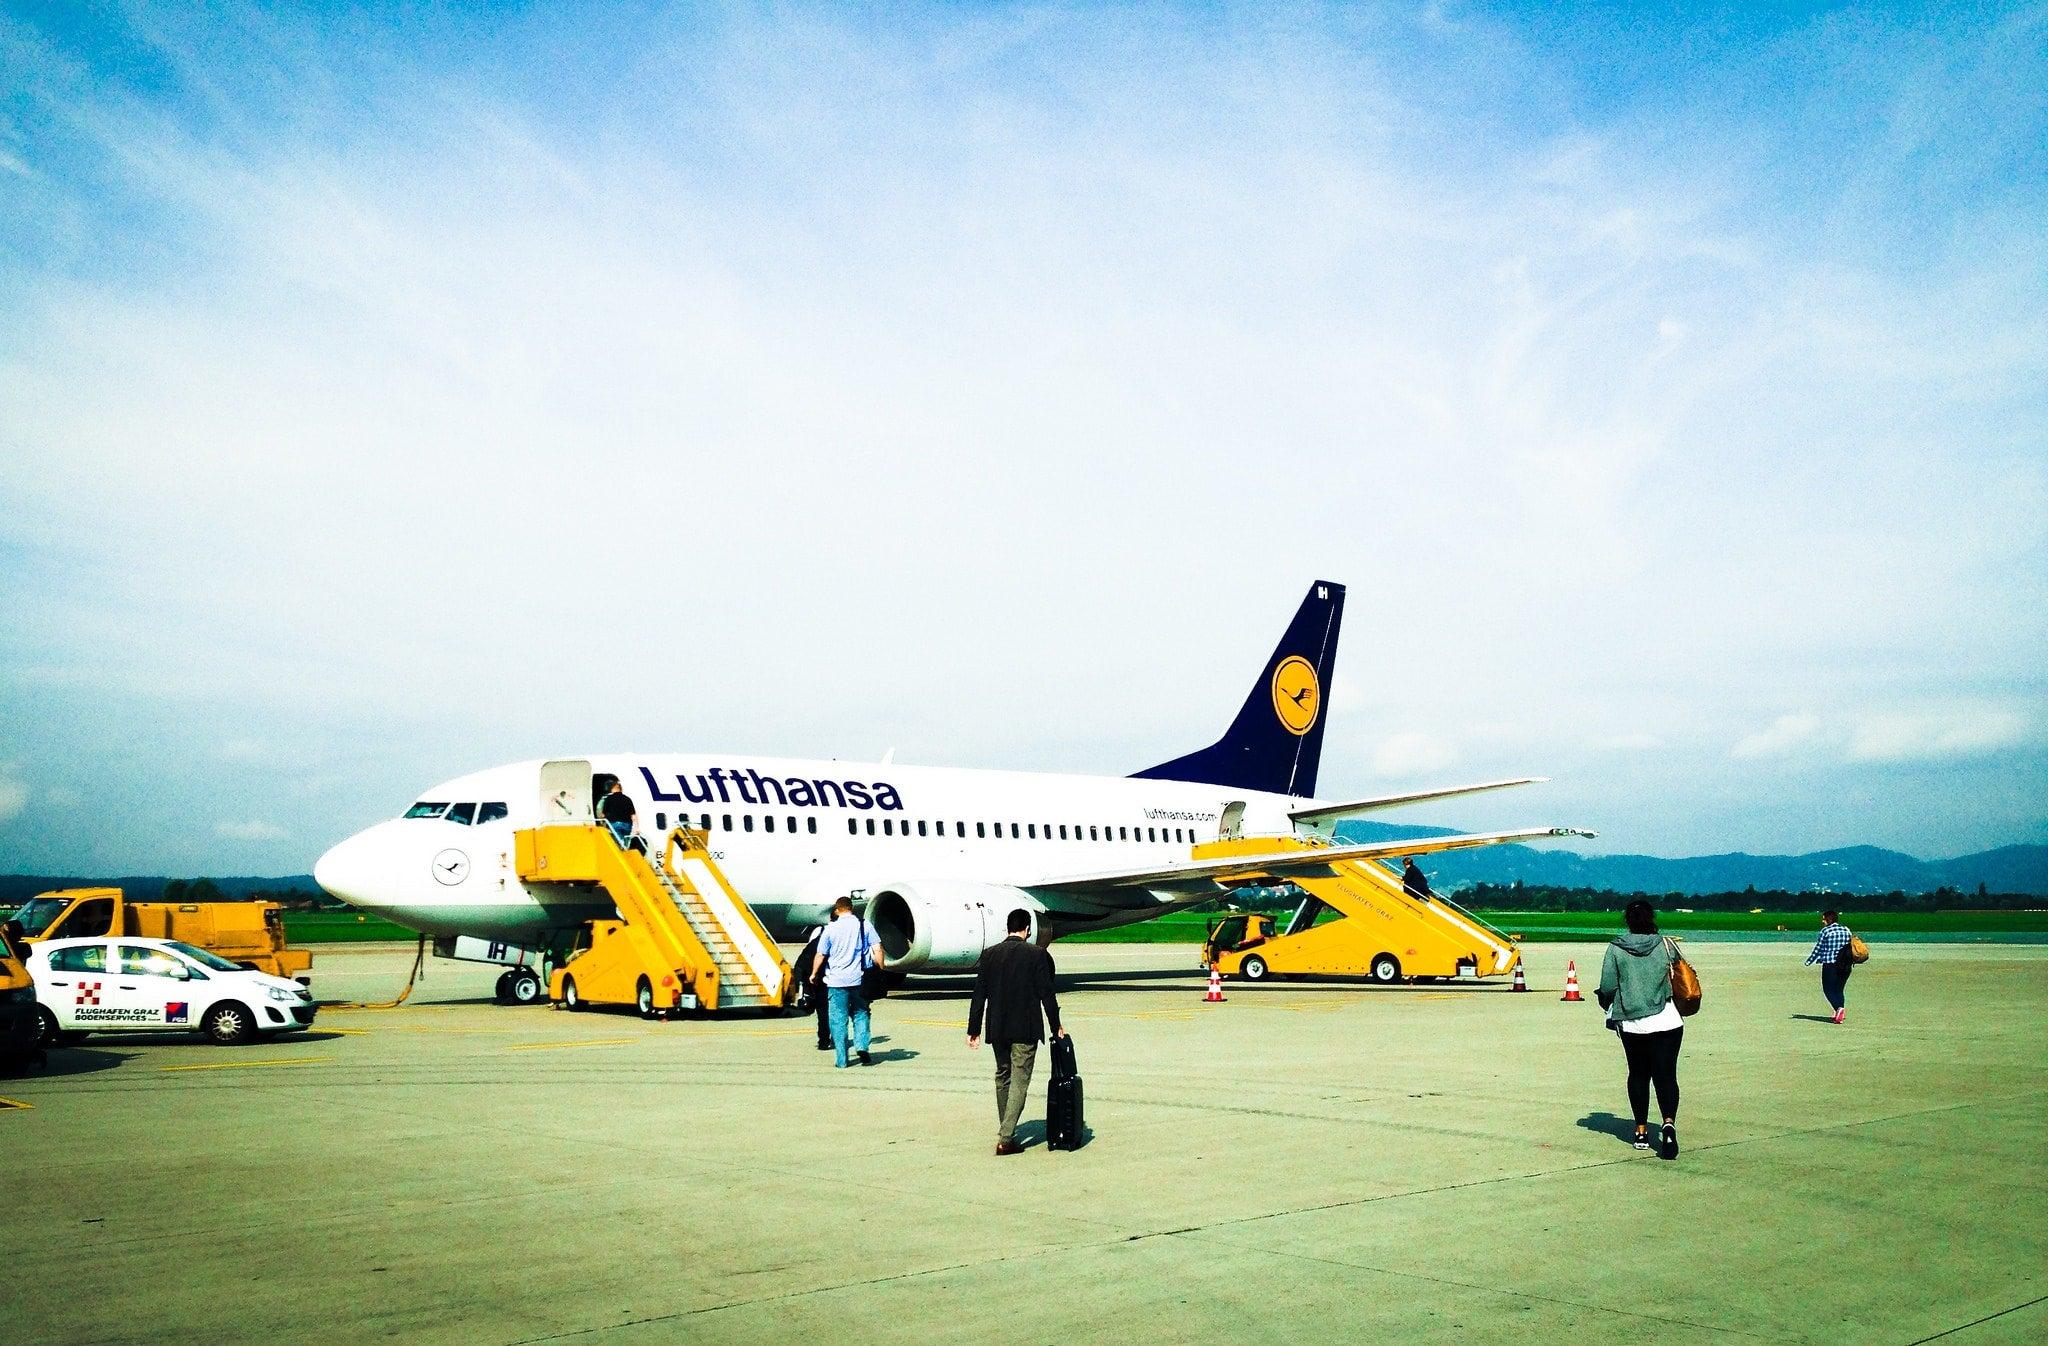 aereo lufthansa check in online edreams blog di viaggi